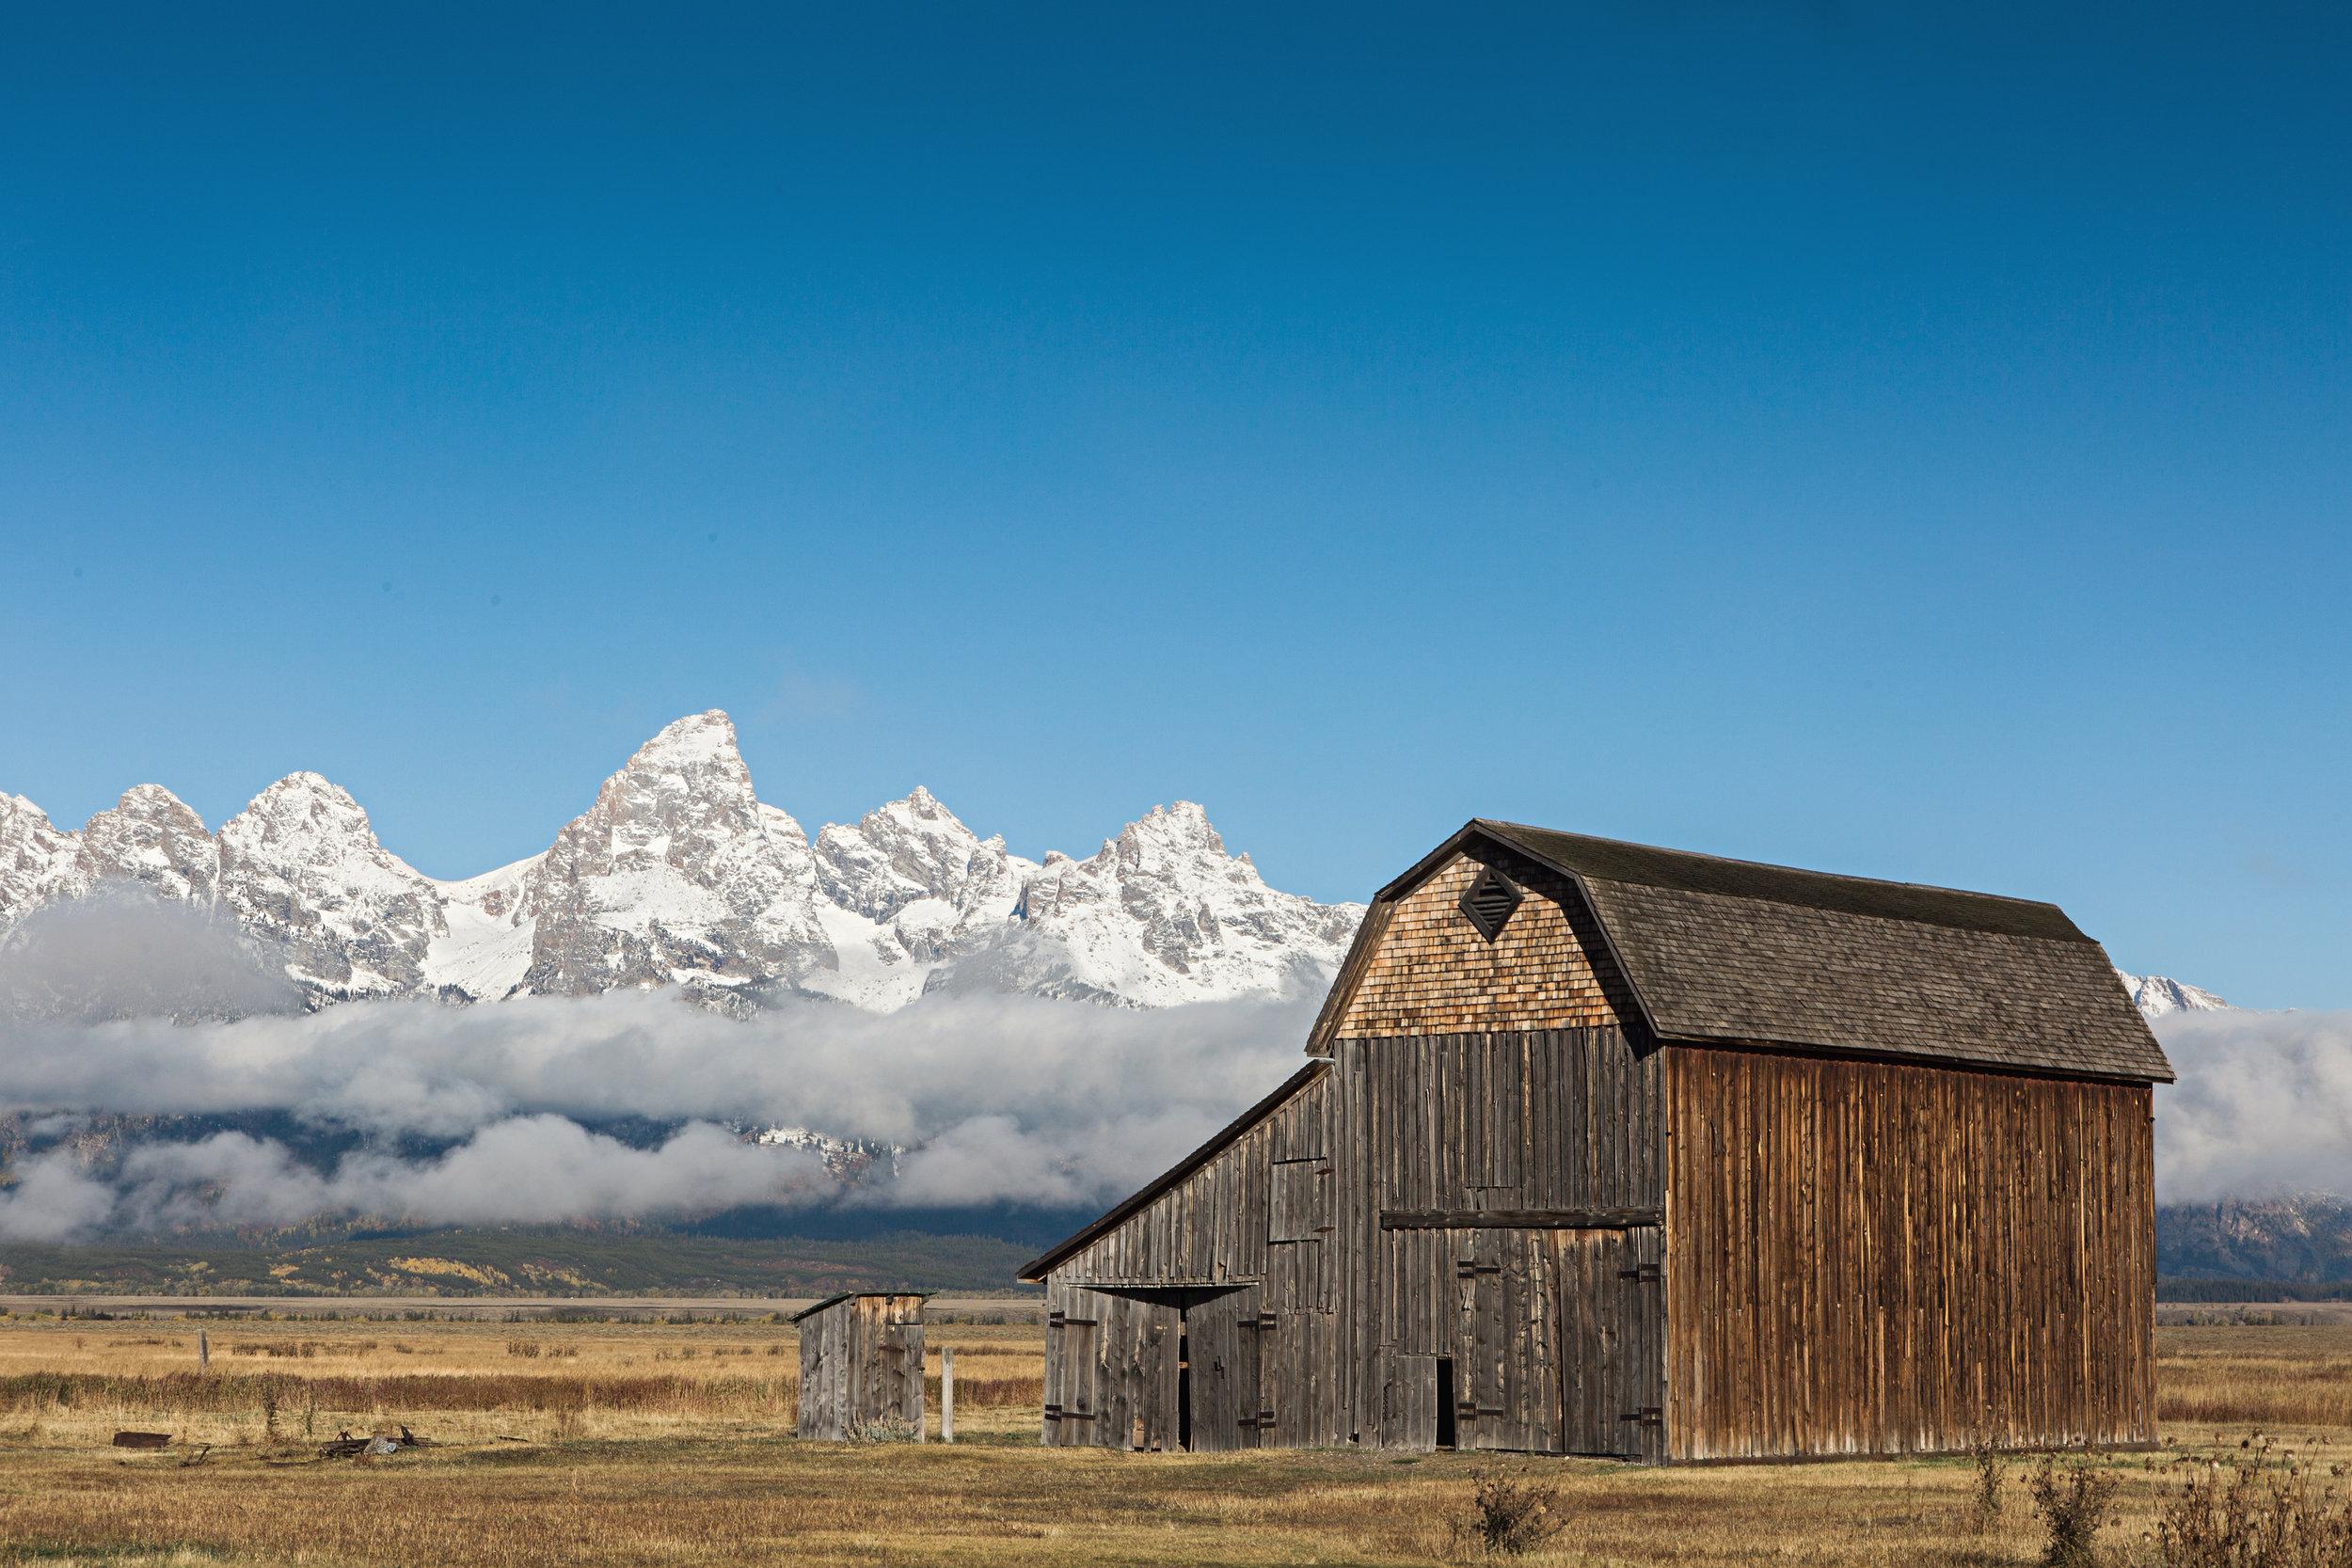 CindyGiovagnoli_Grand_Teton_National_Park_mountains_Bison_Autumn_Wyoming_Mormon_Row_aspens_fall_outdoor_photographer-005.jpg